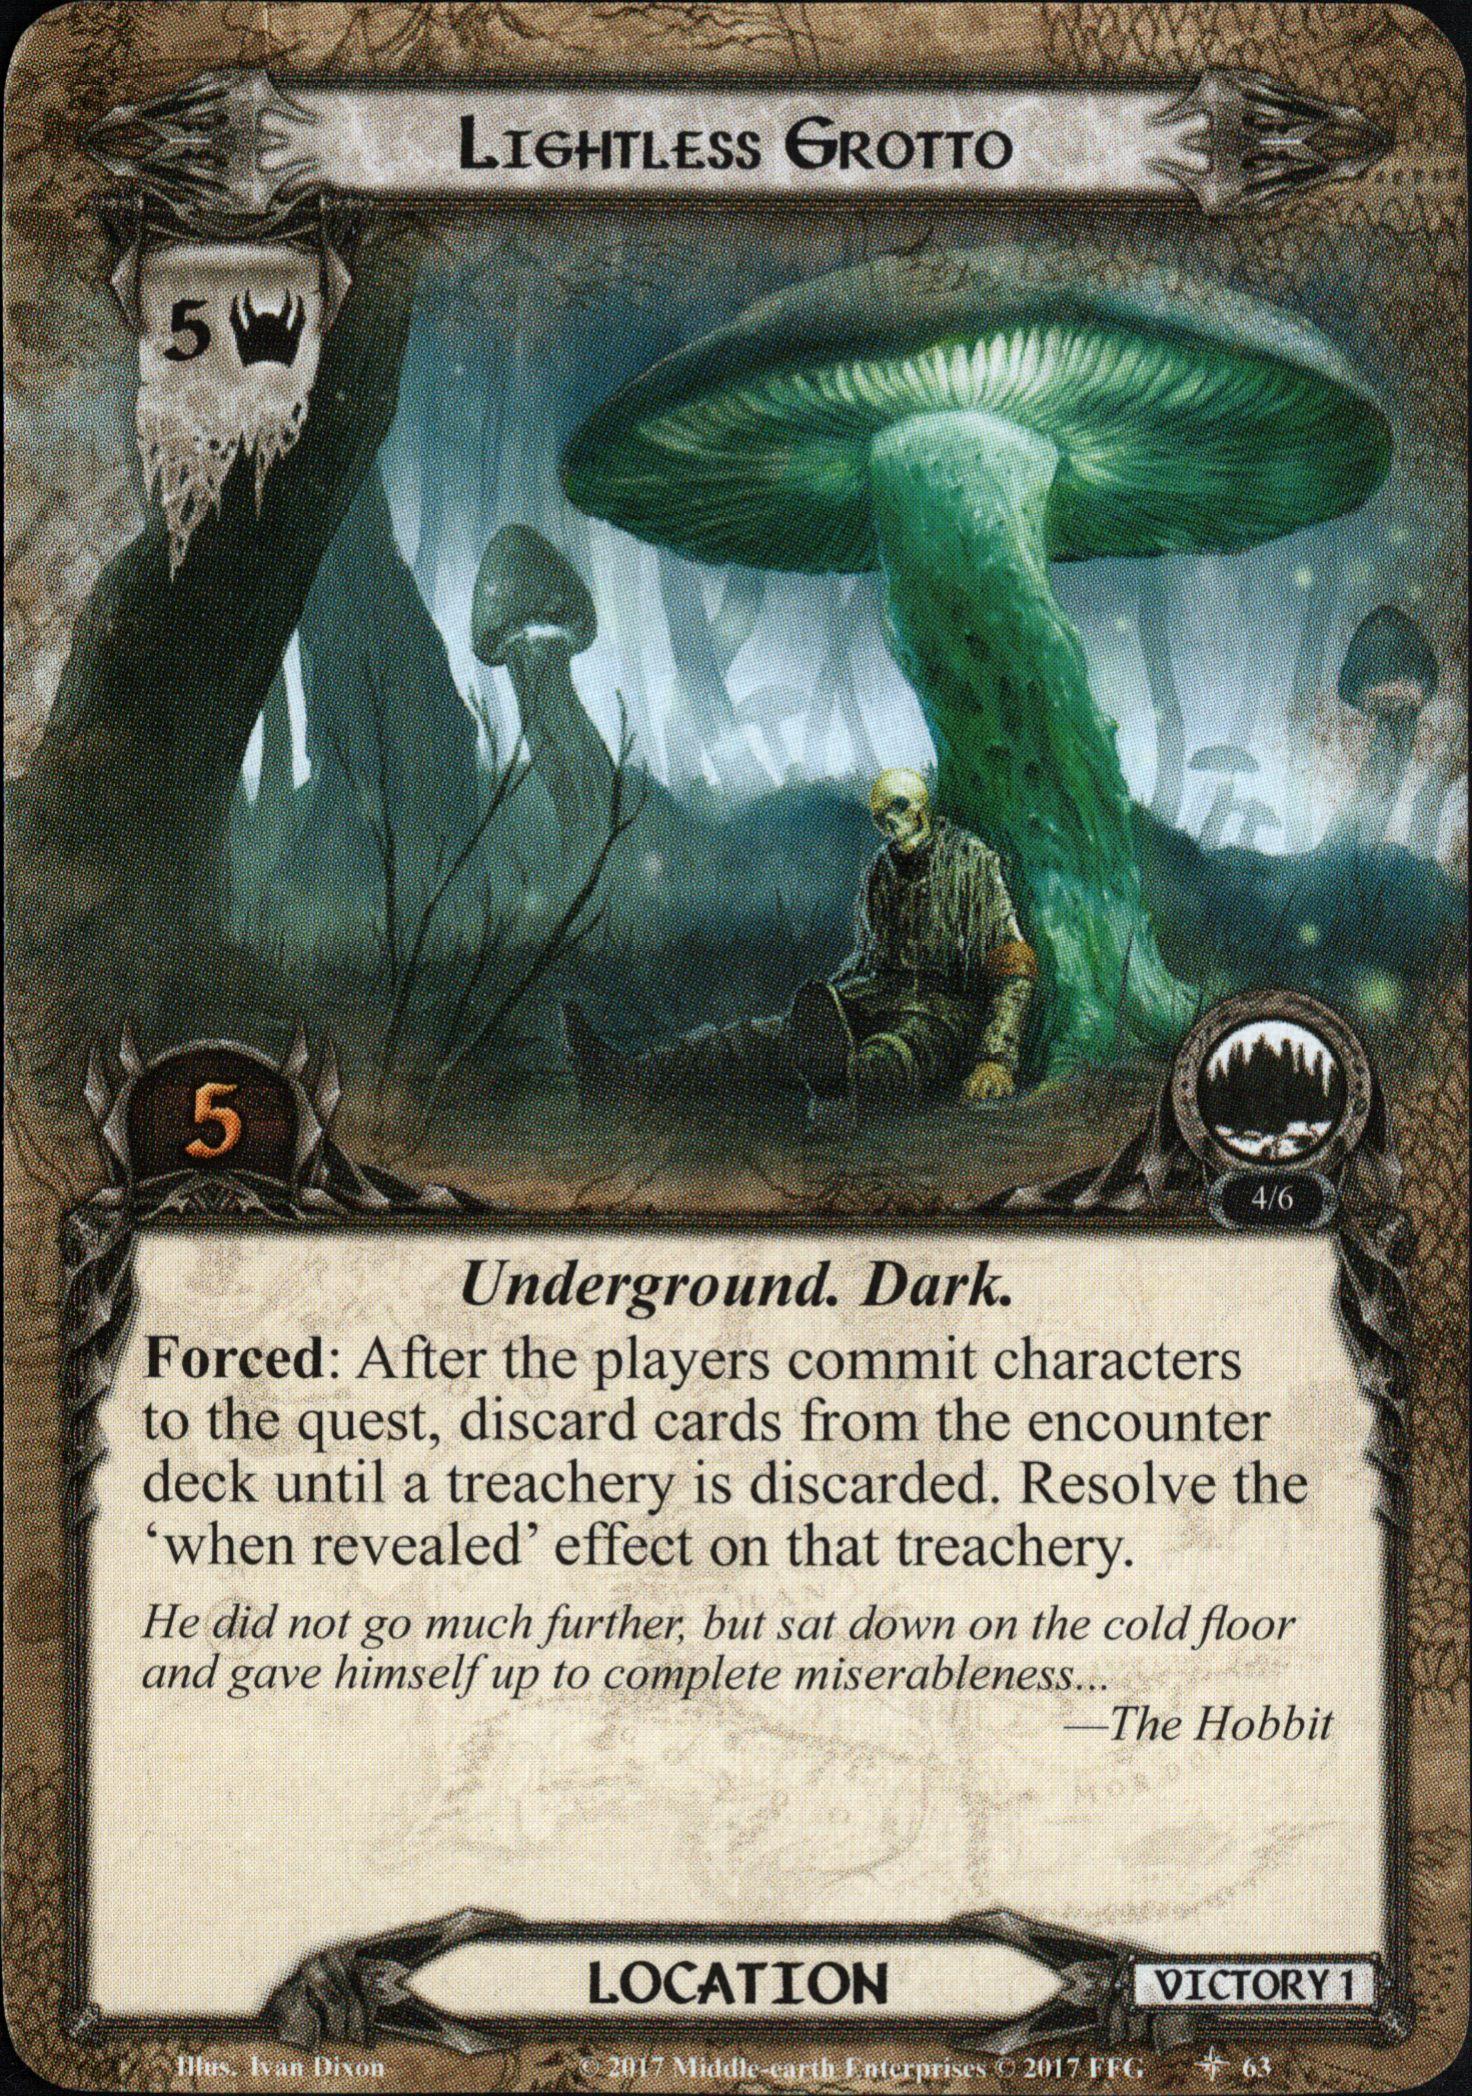 [La Quête du Roi] Grotte sombre et Habitant des profondeurs Lightless-Grotto